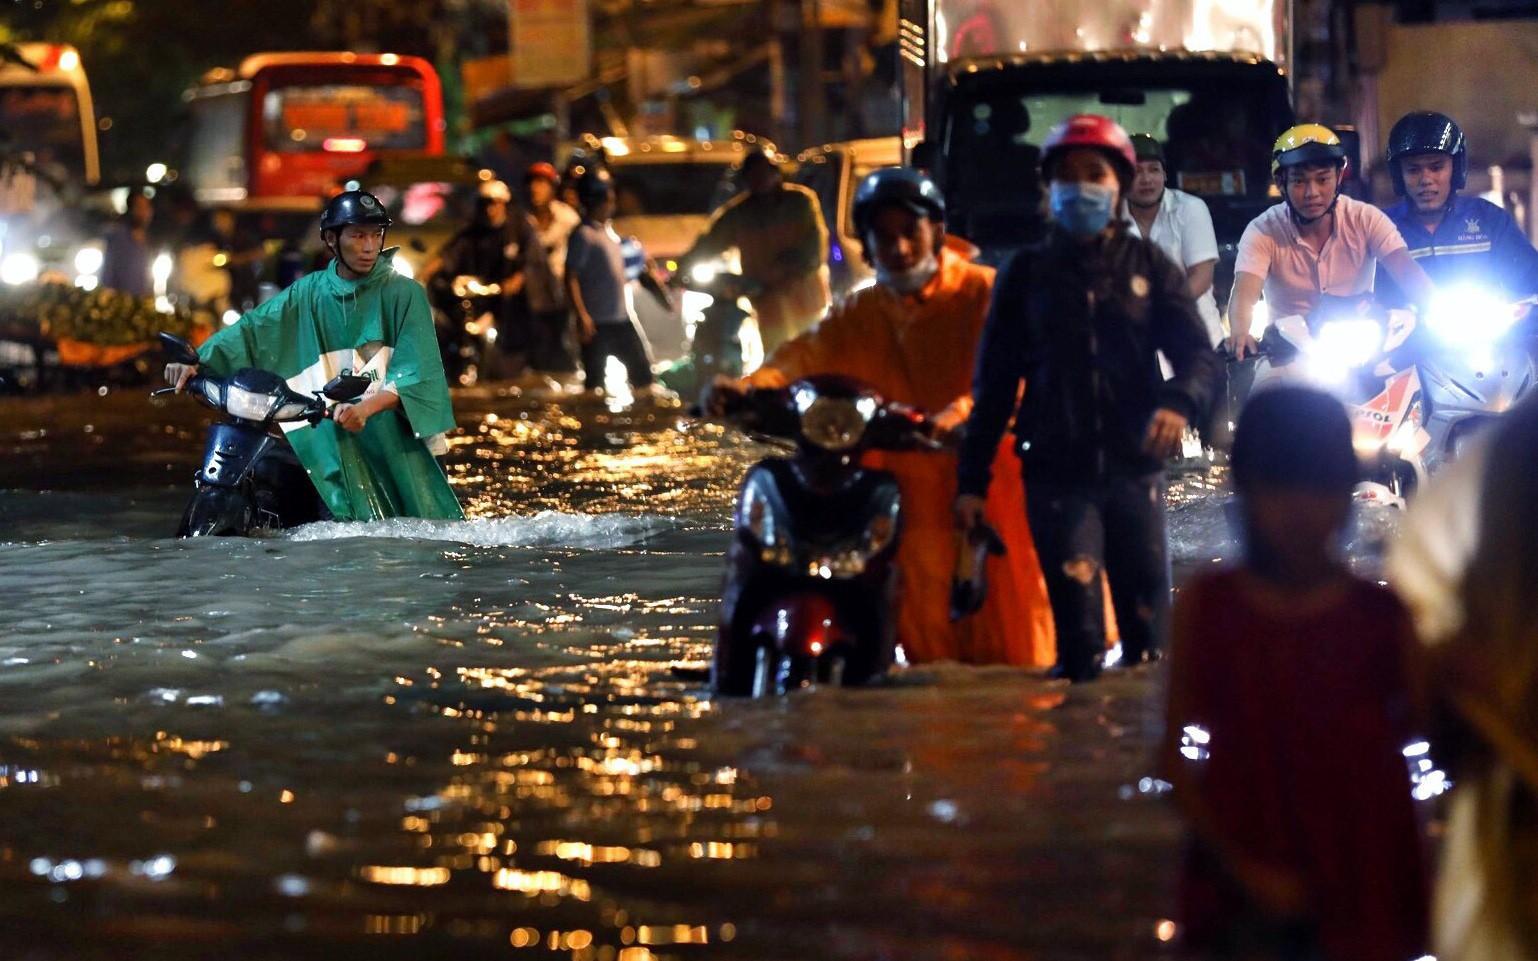 TP.HCM ngập nặng, người dân bì bõm dắt xe về lúc nửa đêm